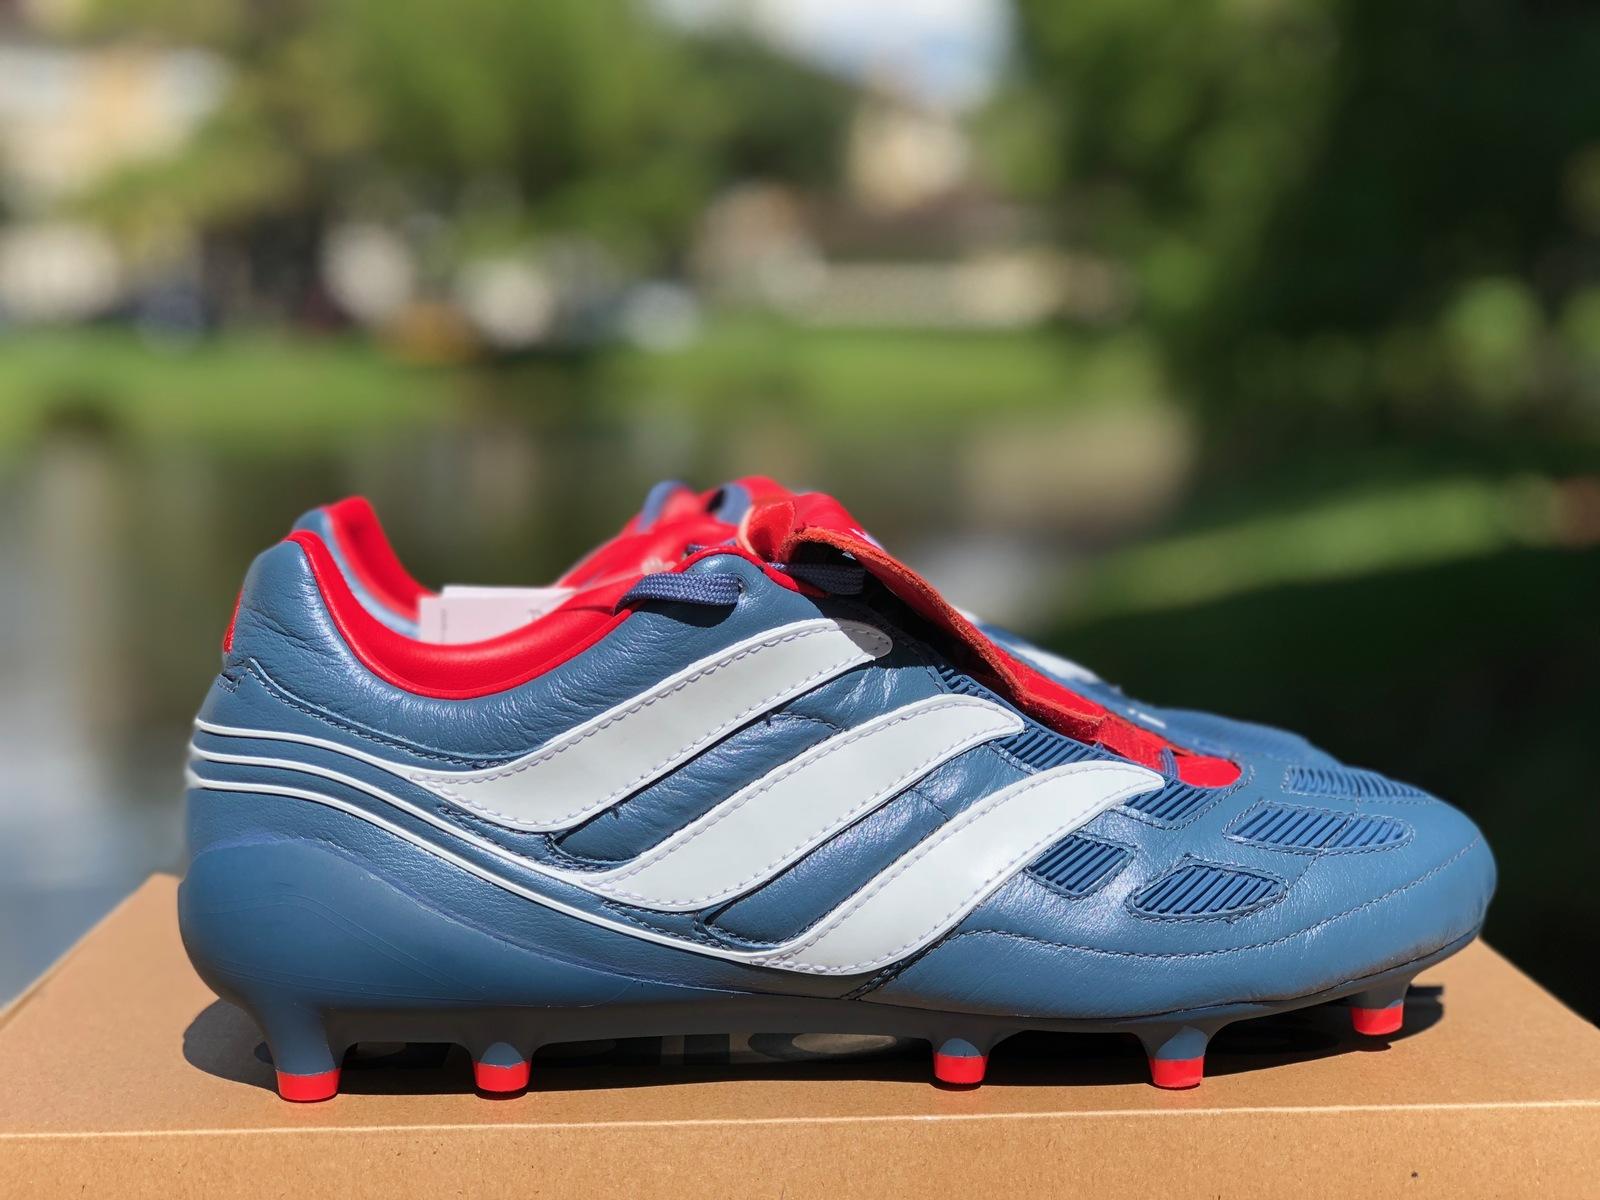 40e0a0423 Adidas Predator Precision Fg - Blue and 50 similar items. Img 1331